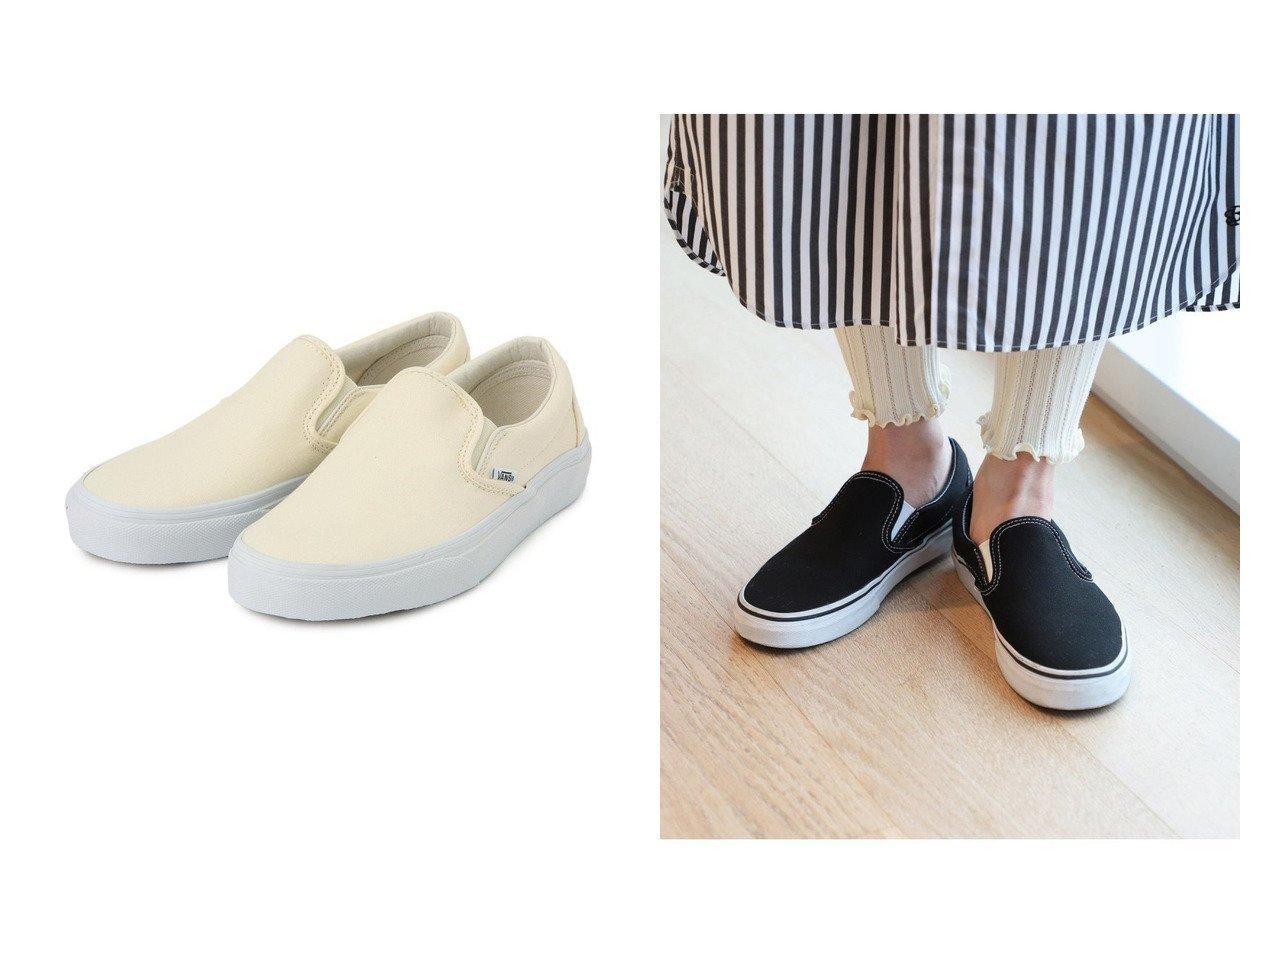 【BEAMS BOY/ビームス ボーイ】のSLIP ON シューズ・靴のおすすめ!人気、トレンド・レディースファッションの通販 おすすめで人気の流行・トレンド、ファッションの通販商品 メンズファッション・キッズファッション・インテリア・家具・レディースファッション・服の通販 founy(ファニー) https://founy.com/ ファッション Fashion レディースファッション WOMEN シューズ シンプル スニーカー スリッポン 定番 Standard |ID:crp329100000014462